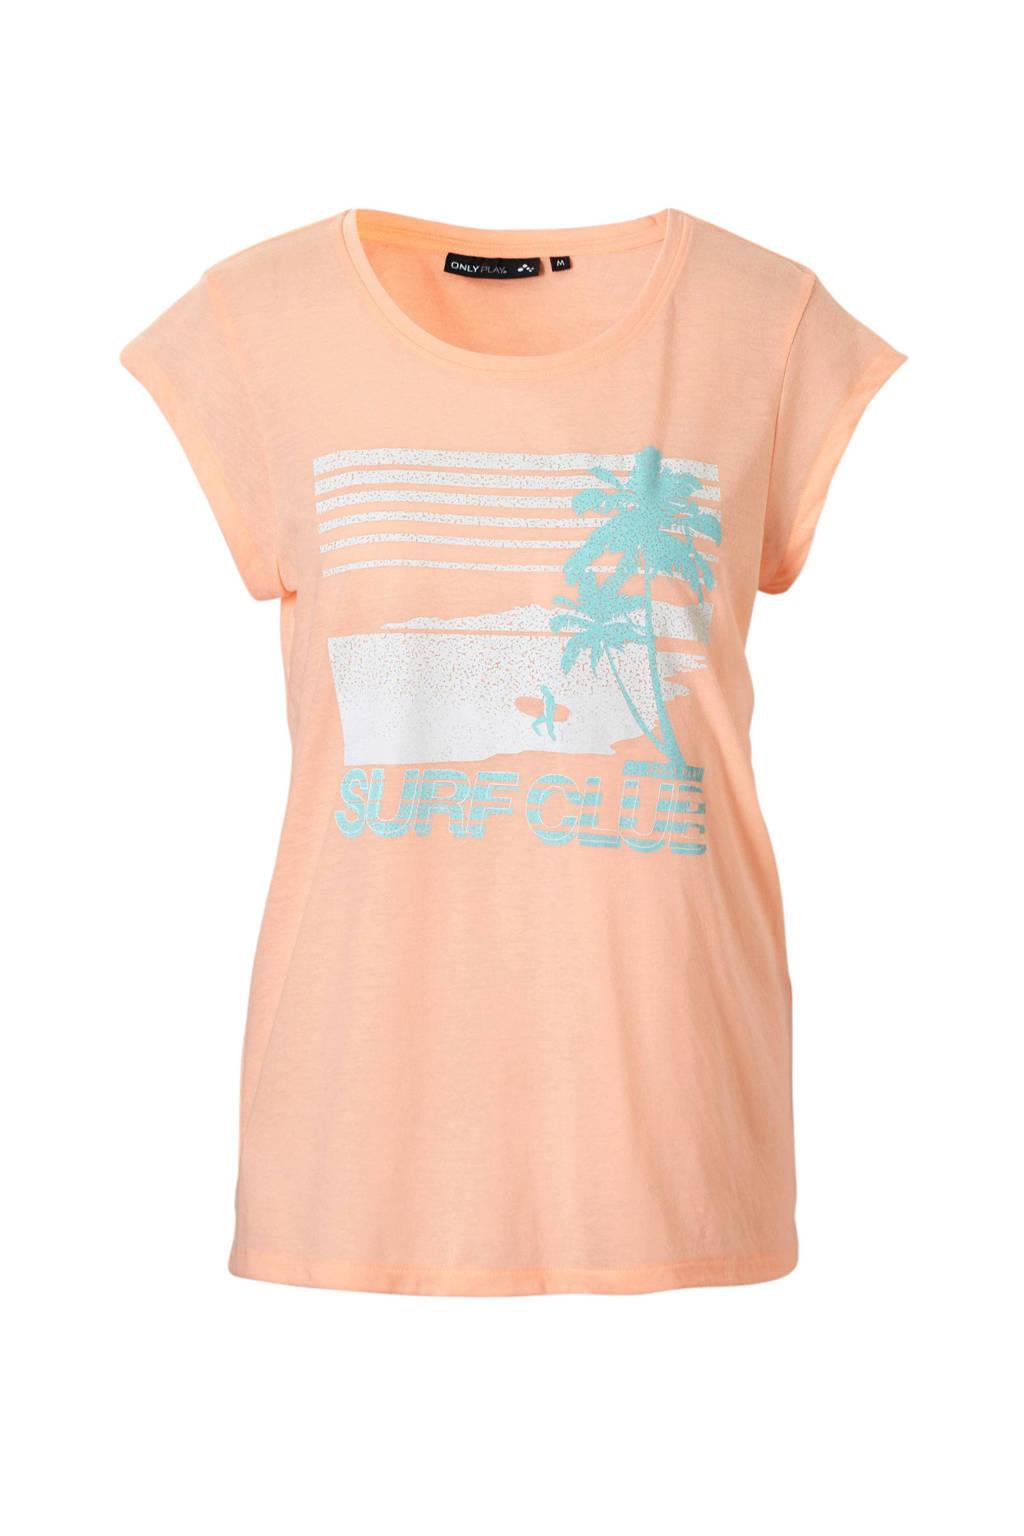 Only Play sport T-shirt oranje, Oranje/wit/lichtblauw